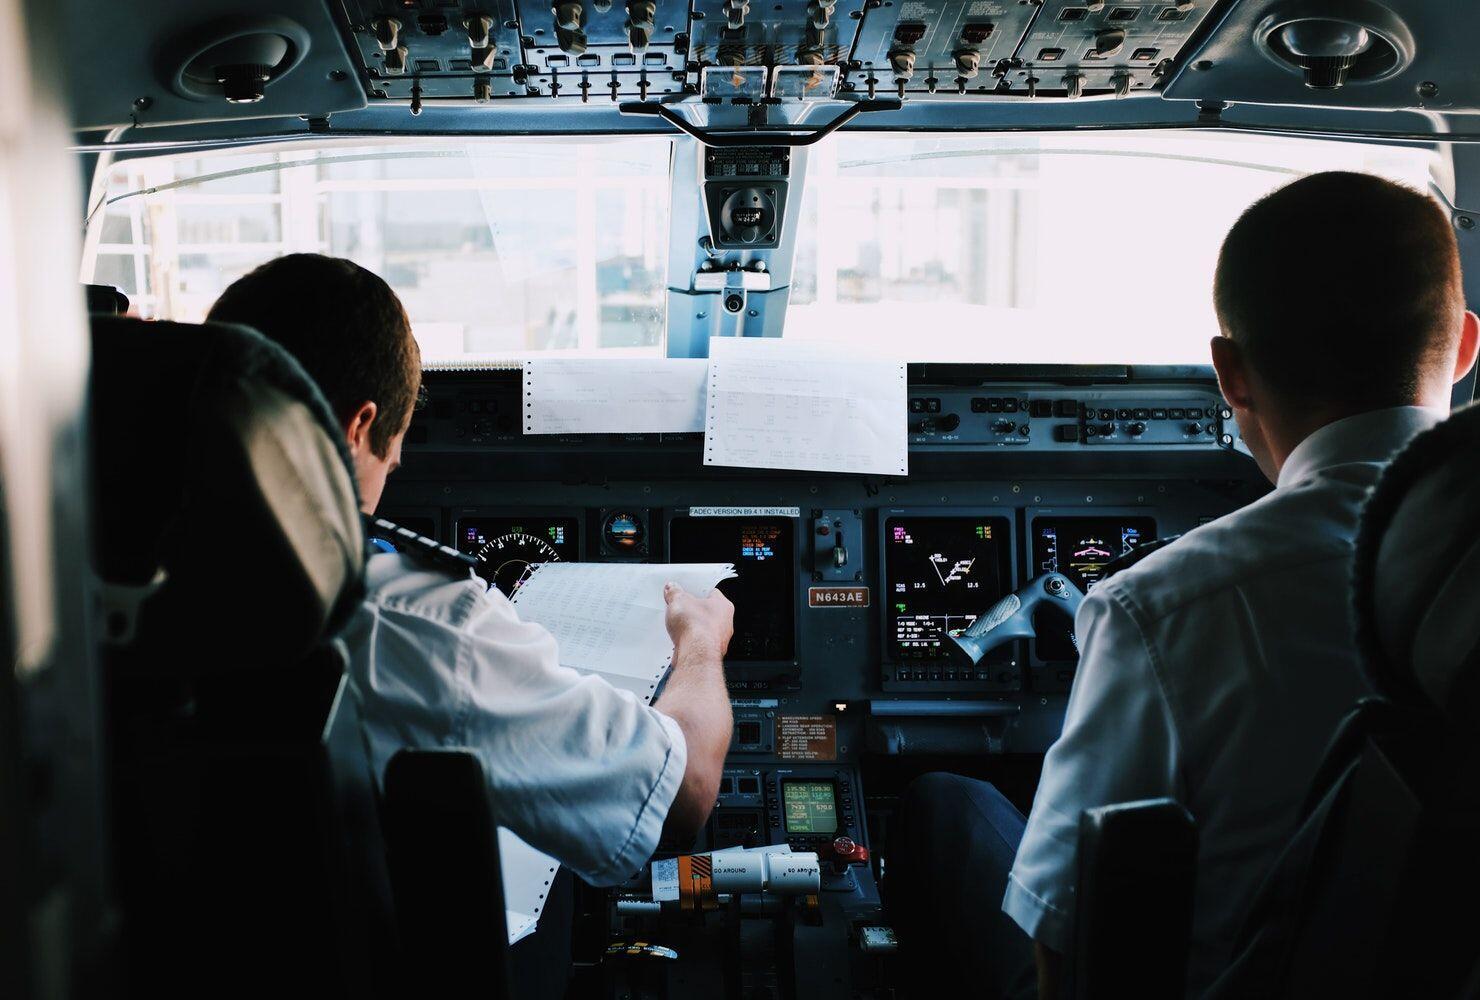 Kenapa Kecelakaan Pesawat Banyak Terjadi di Bulan Oktober-Desember?